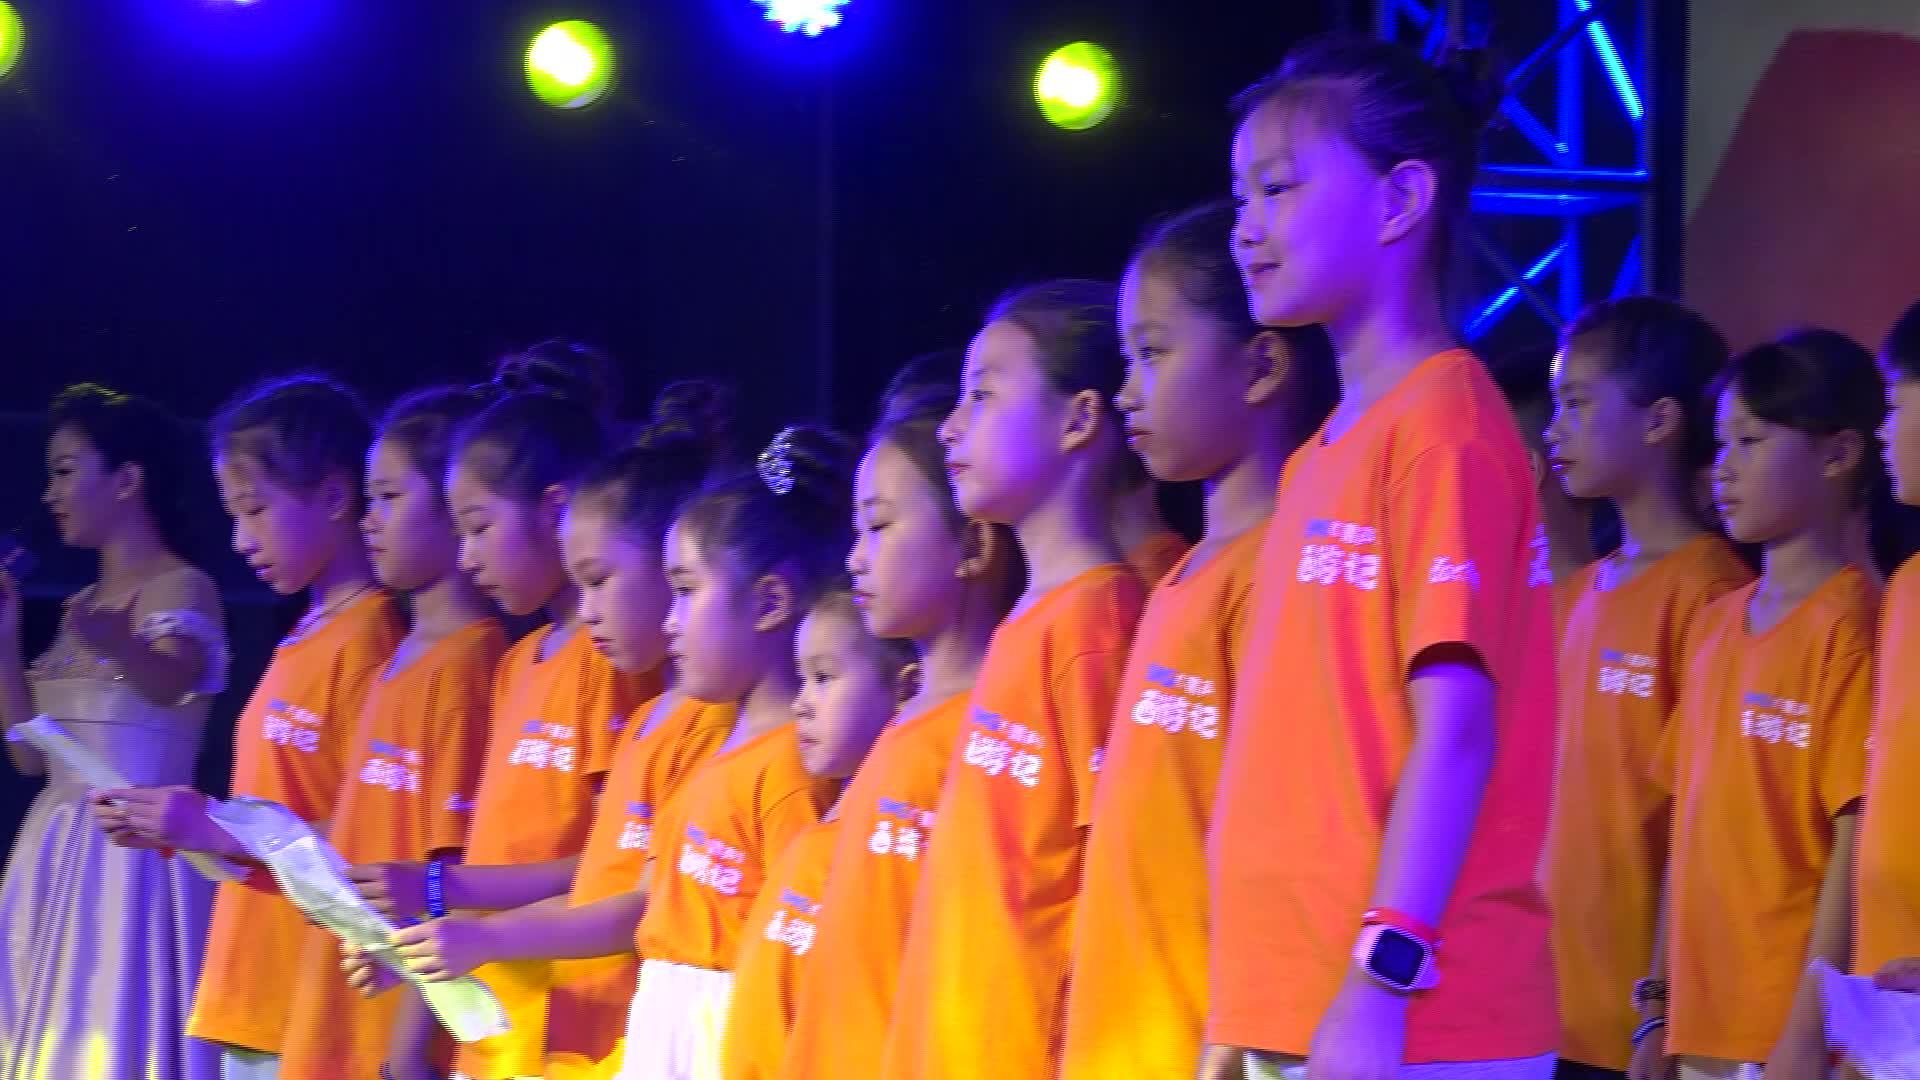 【书声】少年合唱《我和我的祖国》 献礼祖国